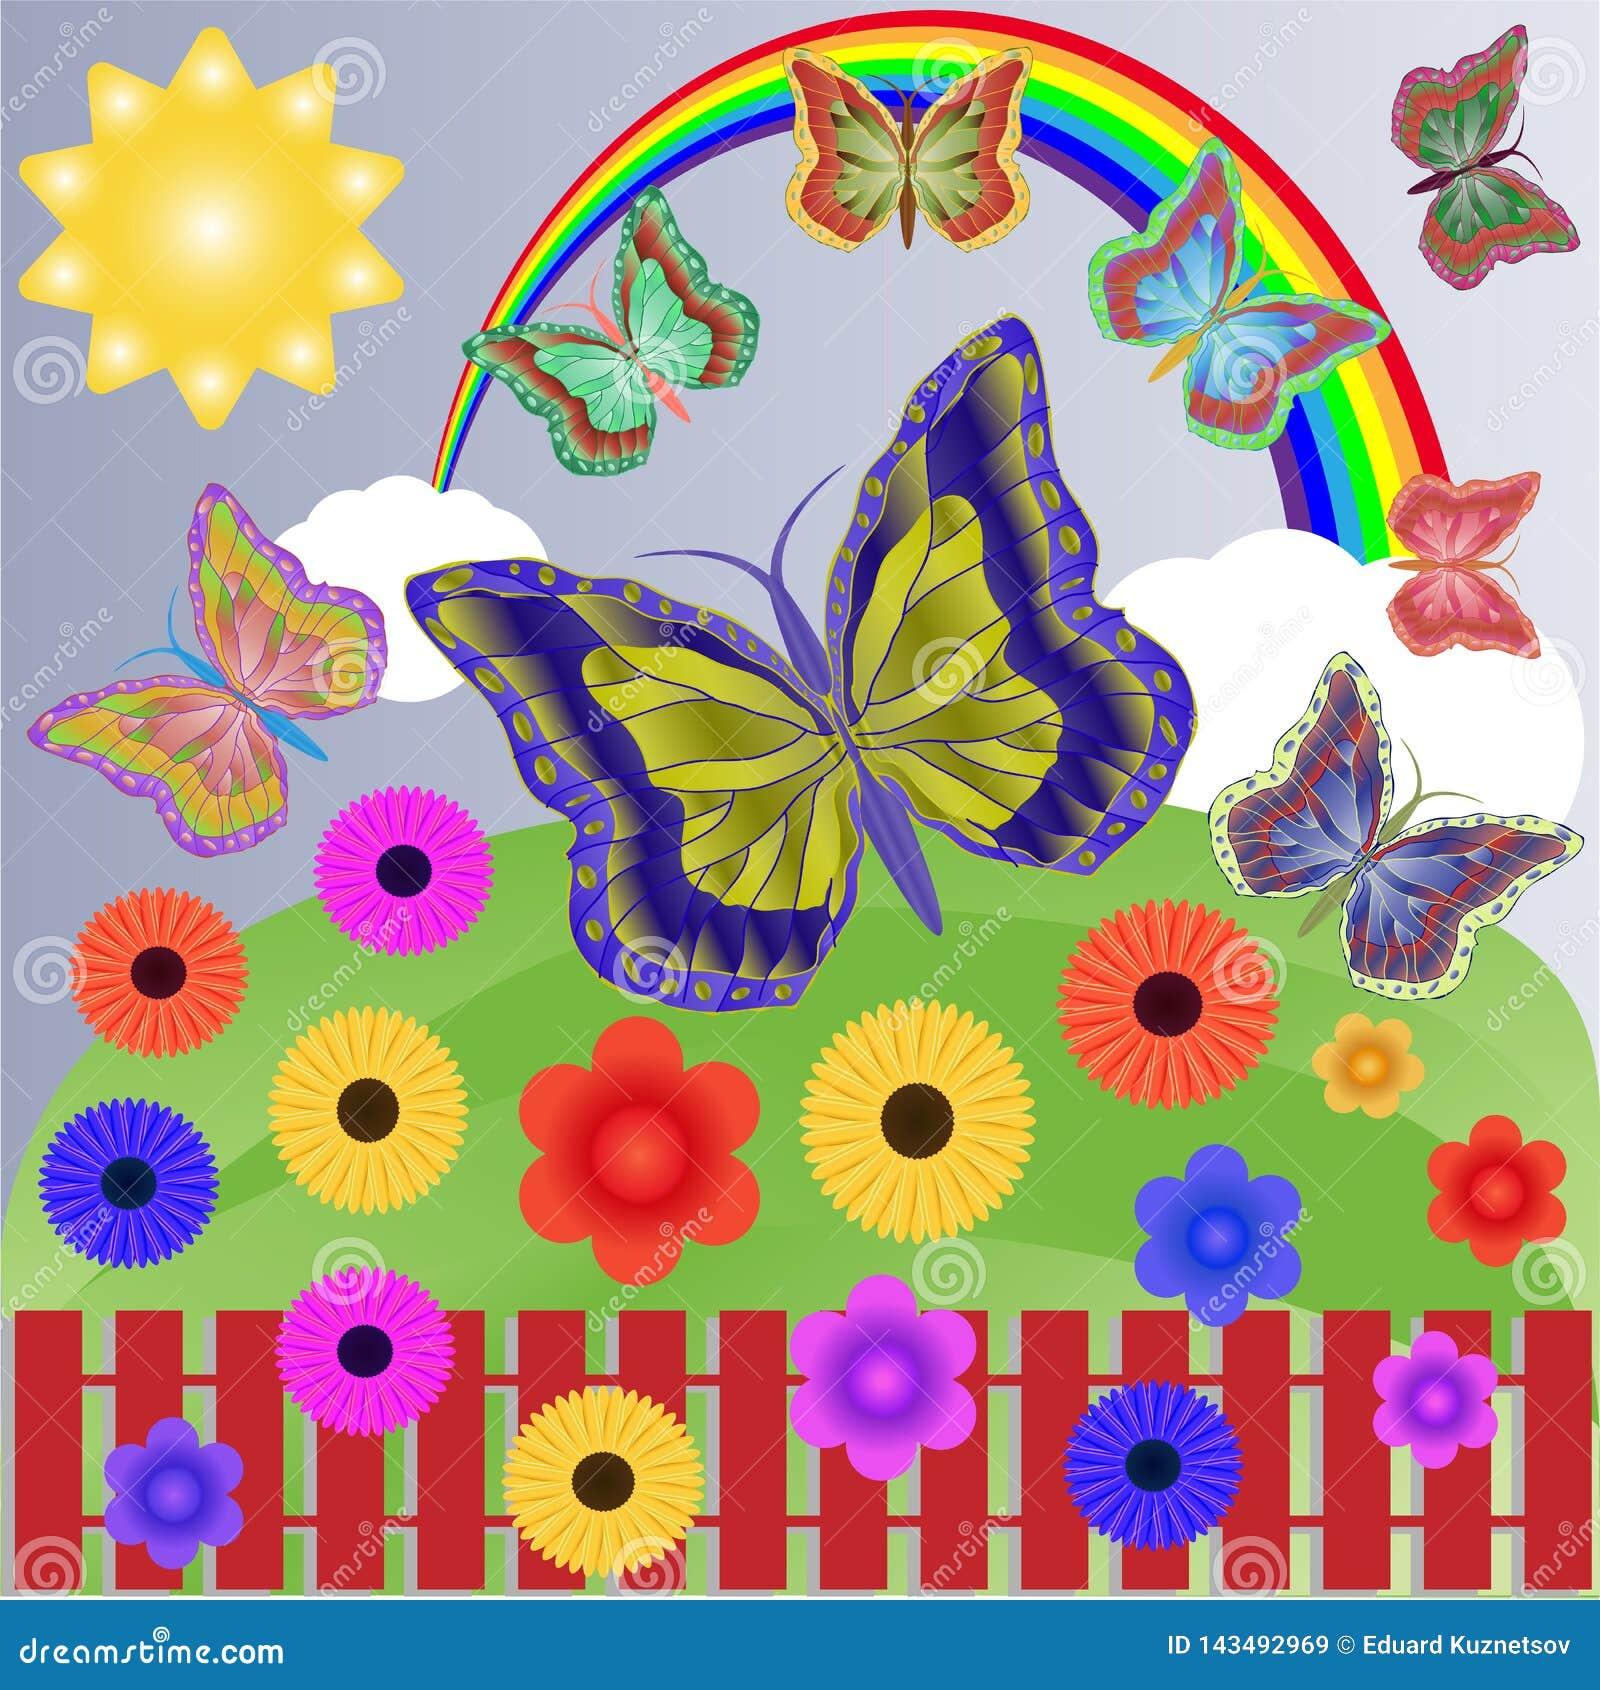 De zomer zonnige dag met een heldere multi-colored regenboog, gemakkelijke witte wolken, mooie bloemen en onbezorgde fladderende